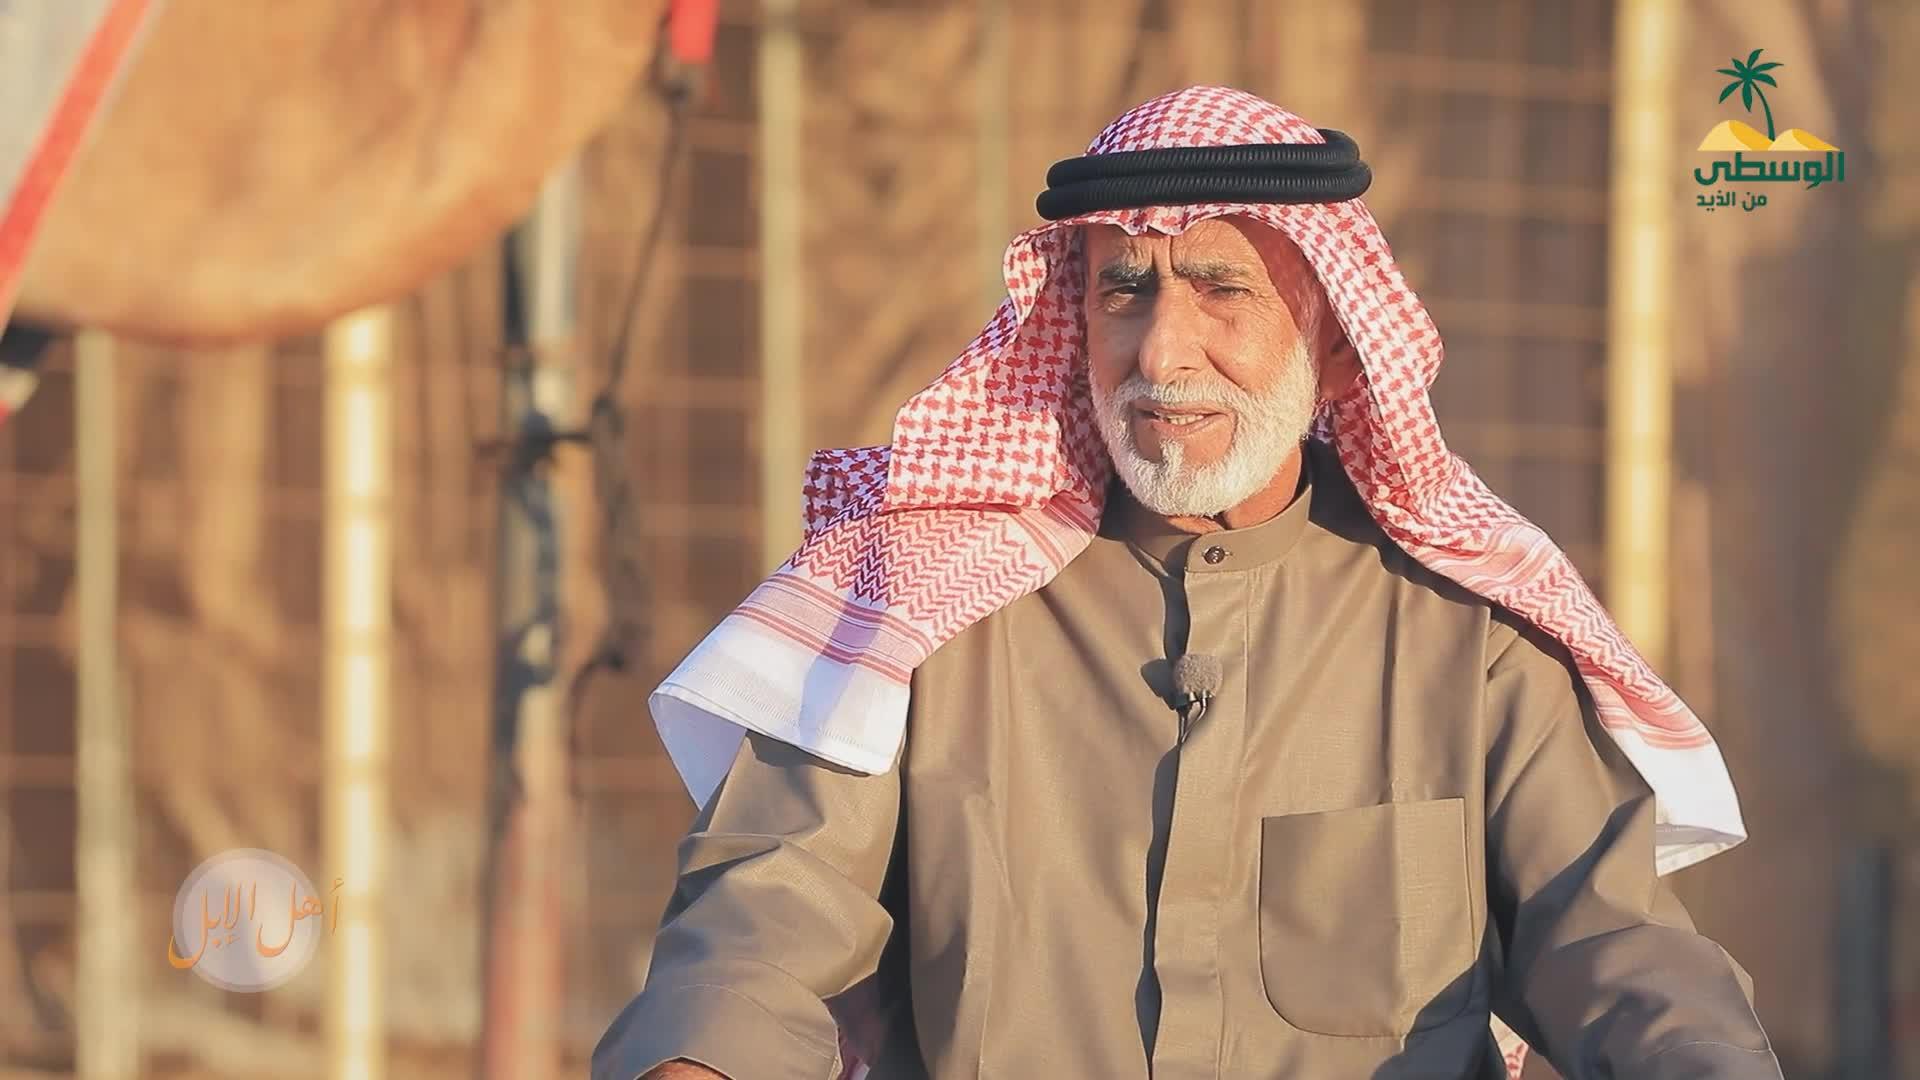 أهل الإبل - الحلقة السادسة عشر - سعادة راشد المحيان الكتبي